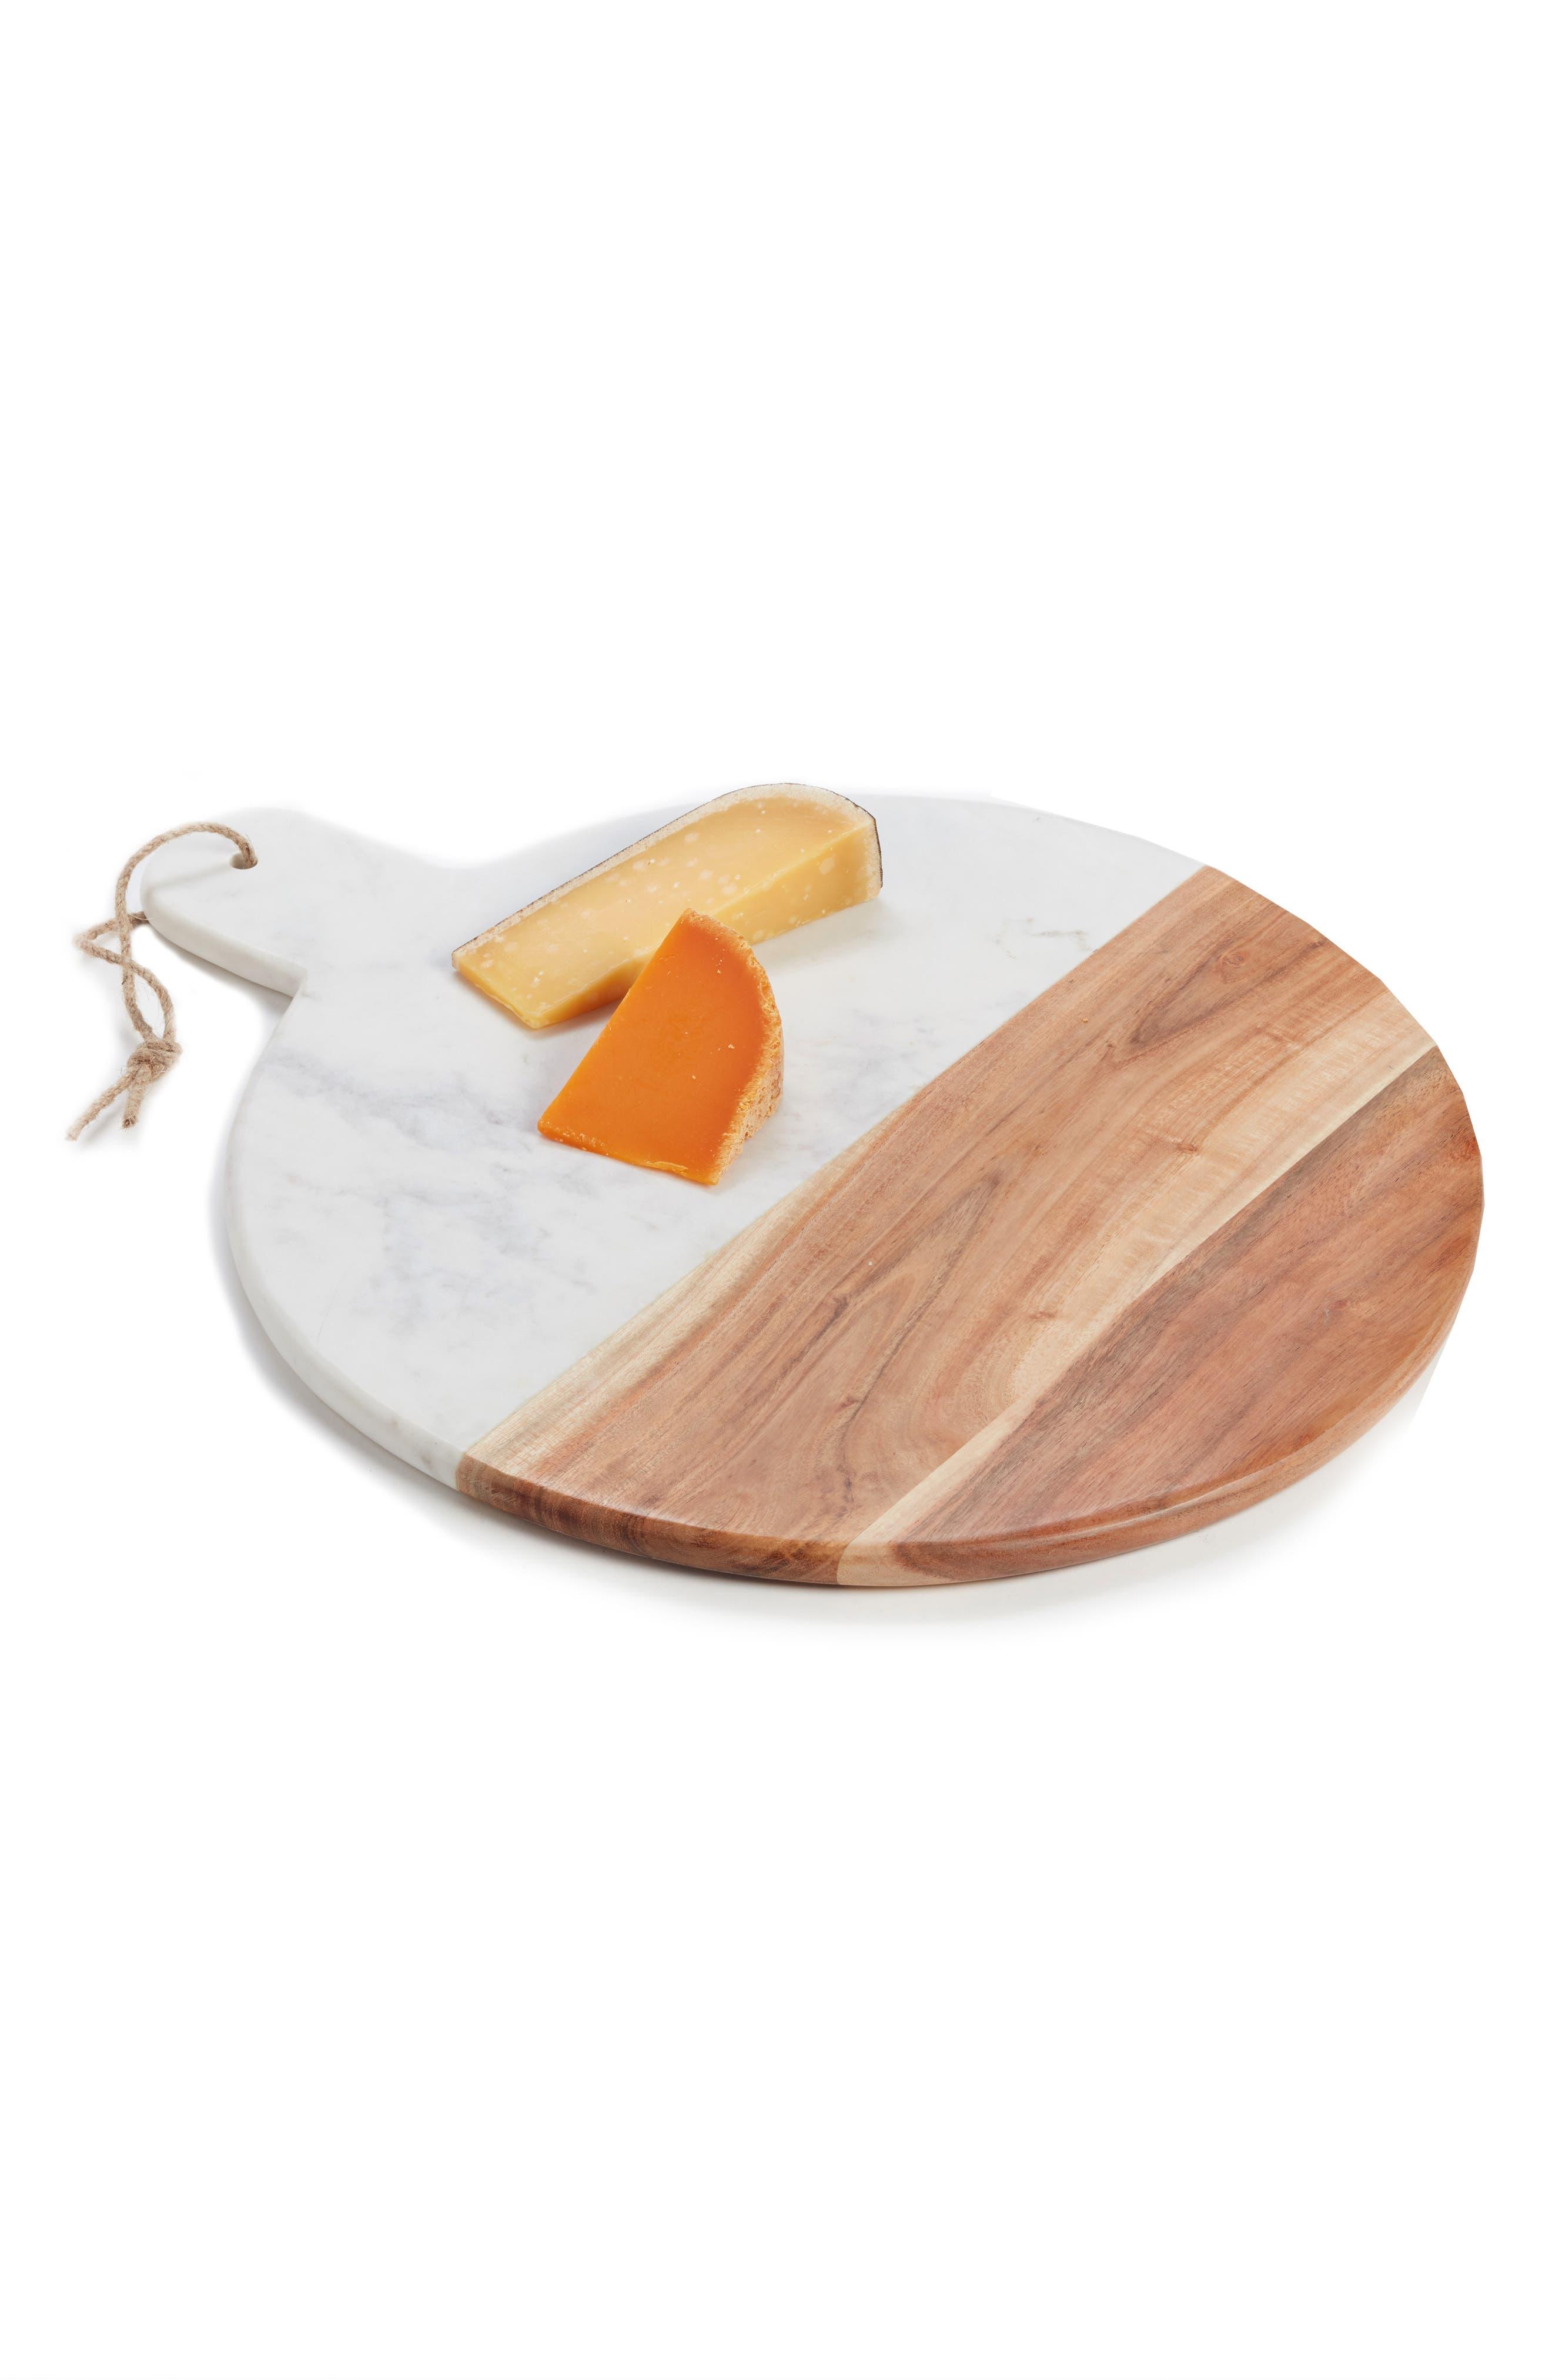 Round Marble & Acacia Wood Serving Board,                             Main thumbnail 1, color,                             100